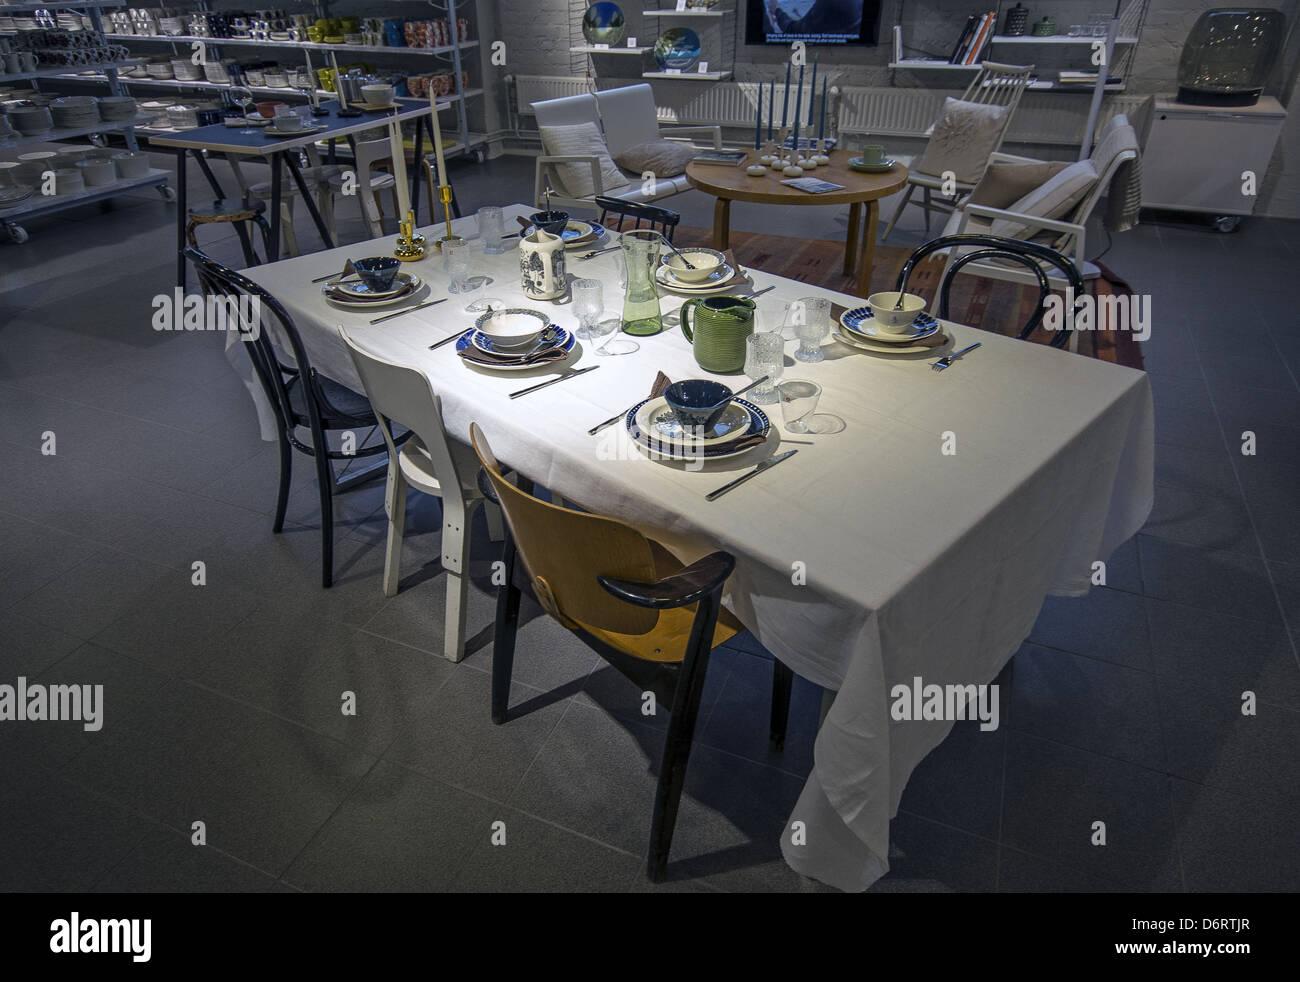 Cristalería mostrar en la tienda outlet de iittala en el saudita edificio industrial en Helsinki, Finlandia Imagen De Stock